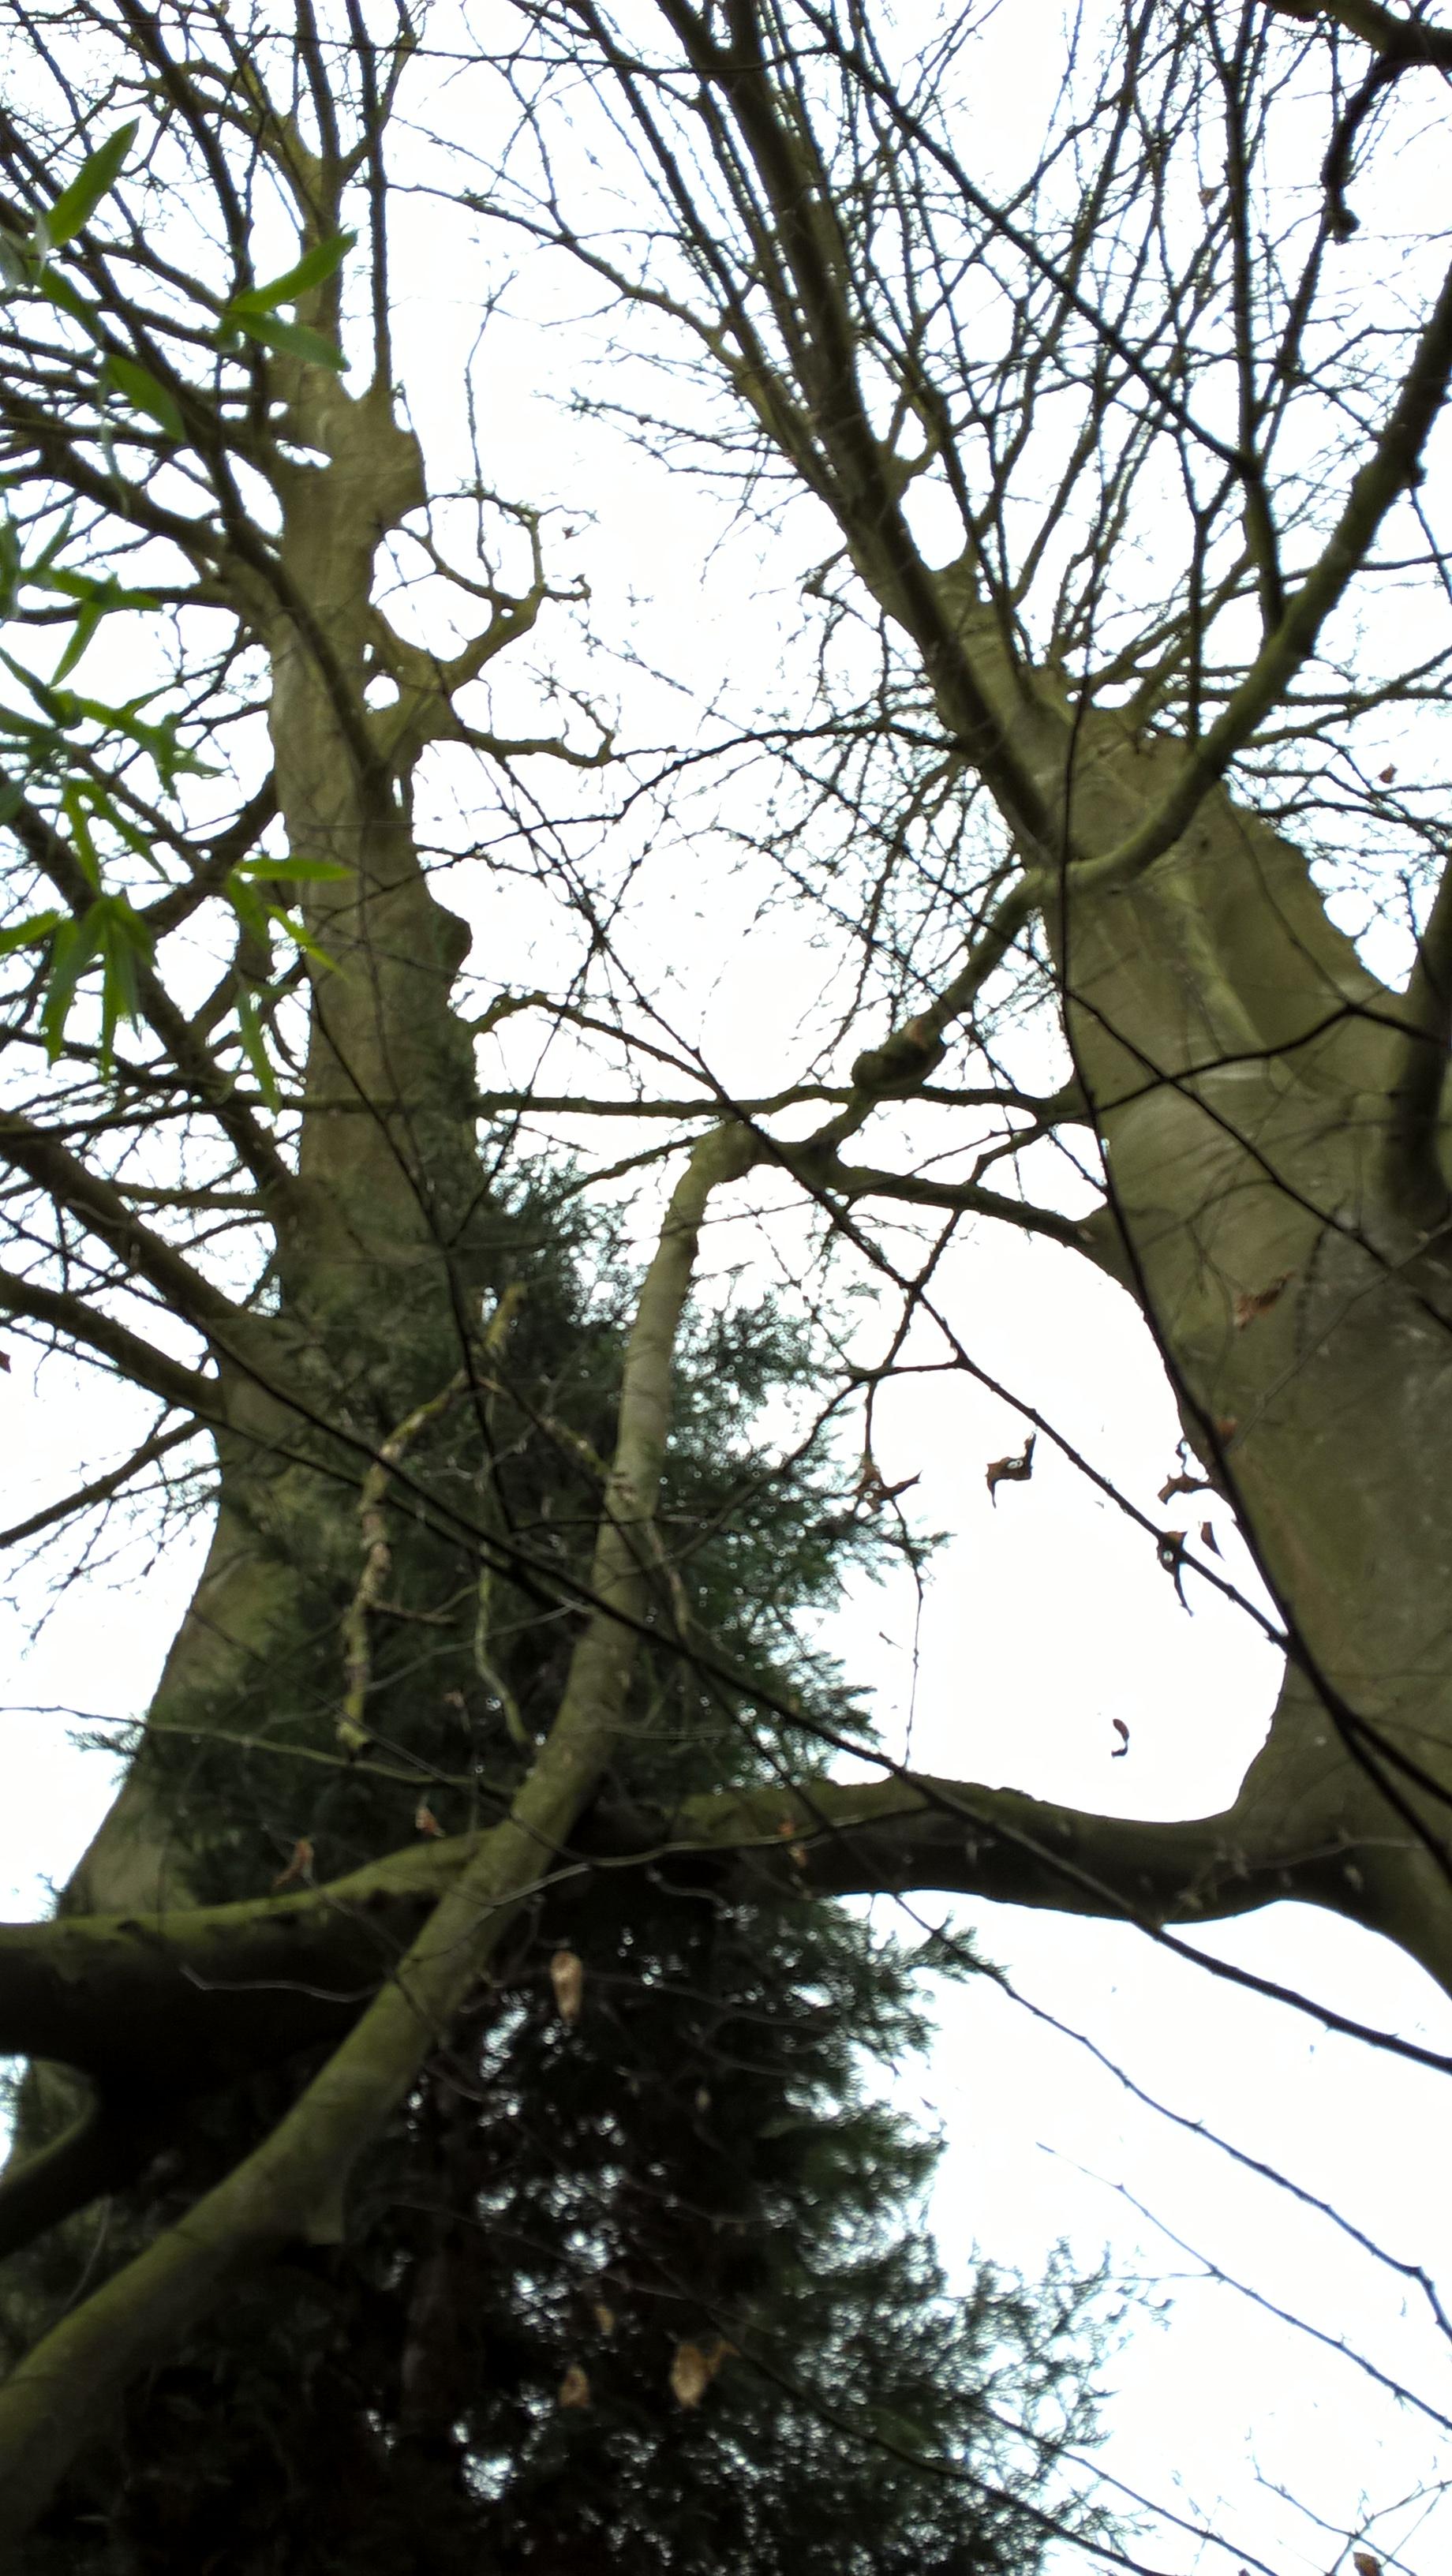 Hêtre pourpre – Uccle, Avenue des Sorbiers, 1 –  29 Mars 2017